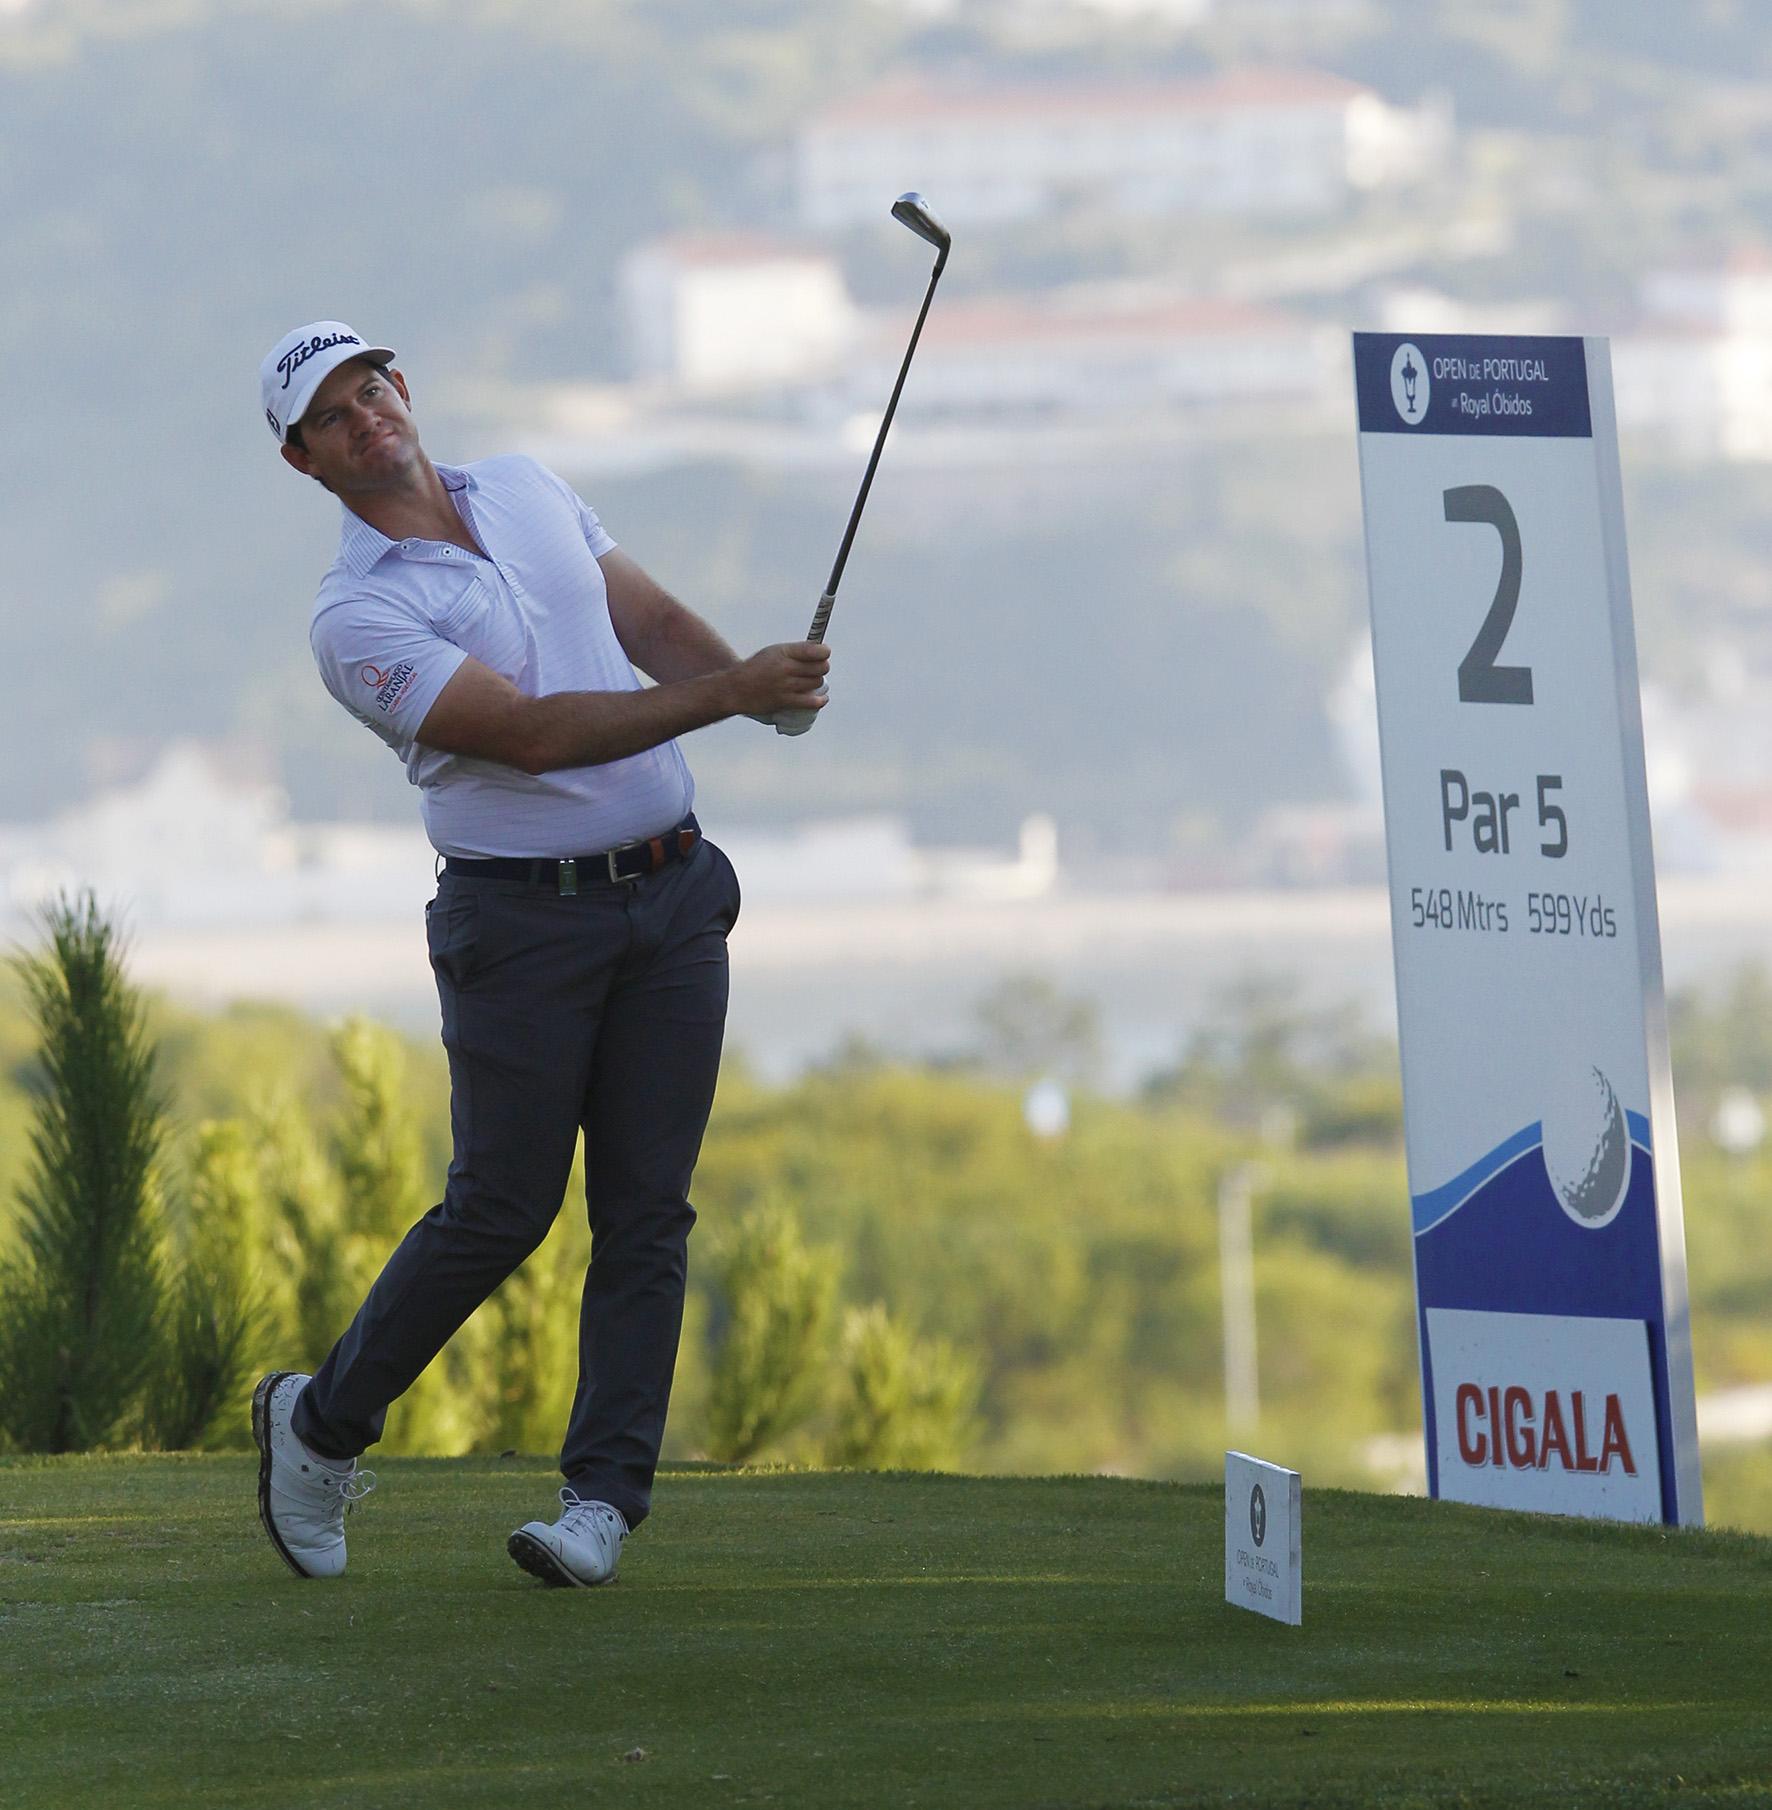 59.º Open de Portugal at Royal Óbidos – RICARDO MELO GOUVEIA ENTRA NO TOP-10 E CONFIRMA CANDIDATURA AO TÍTULO